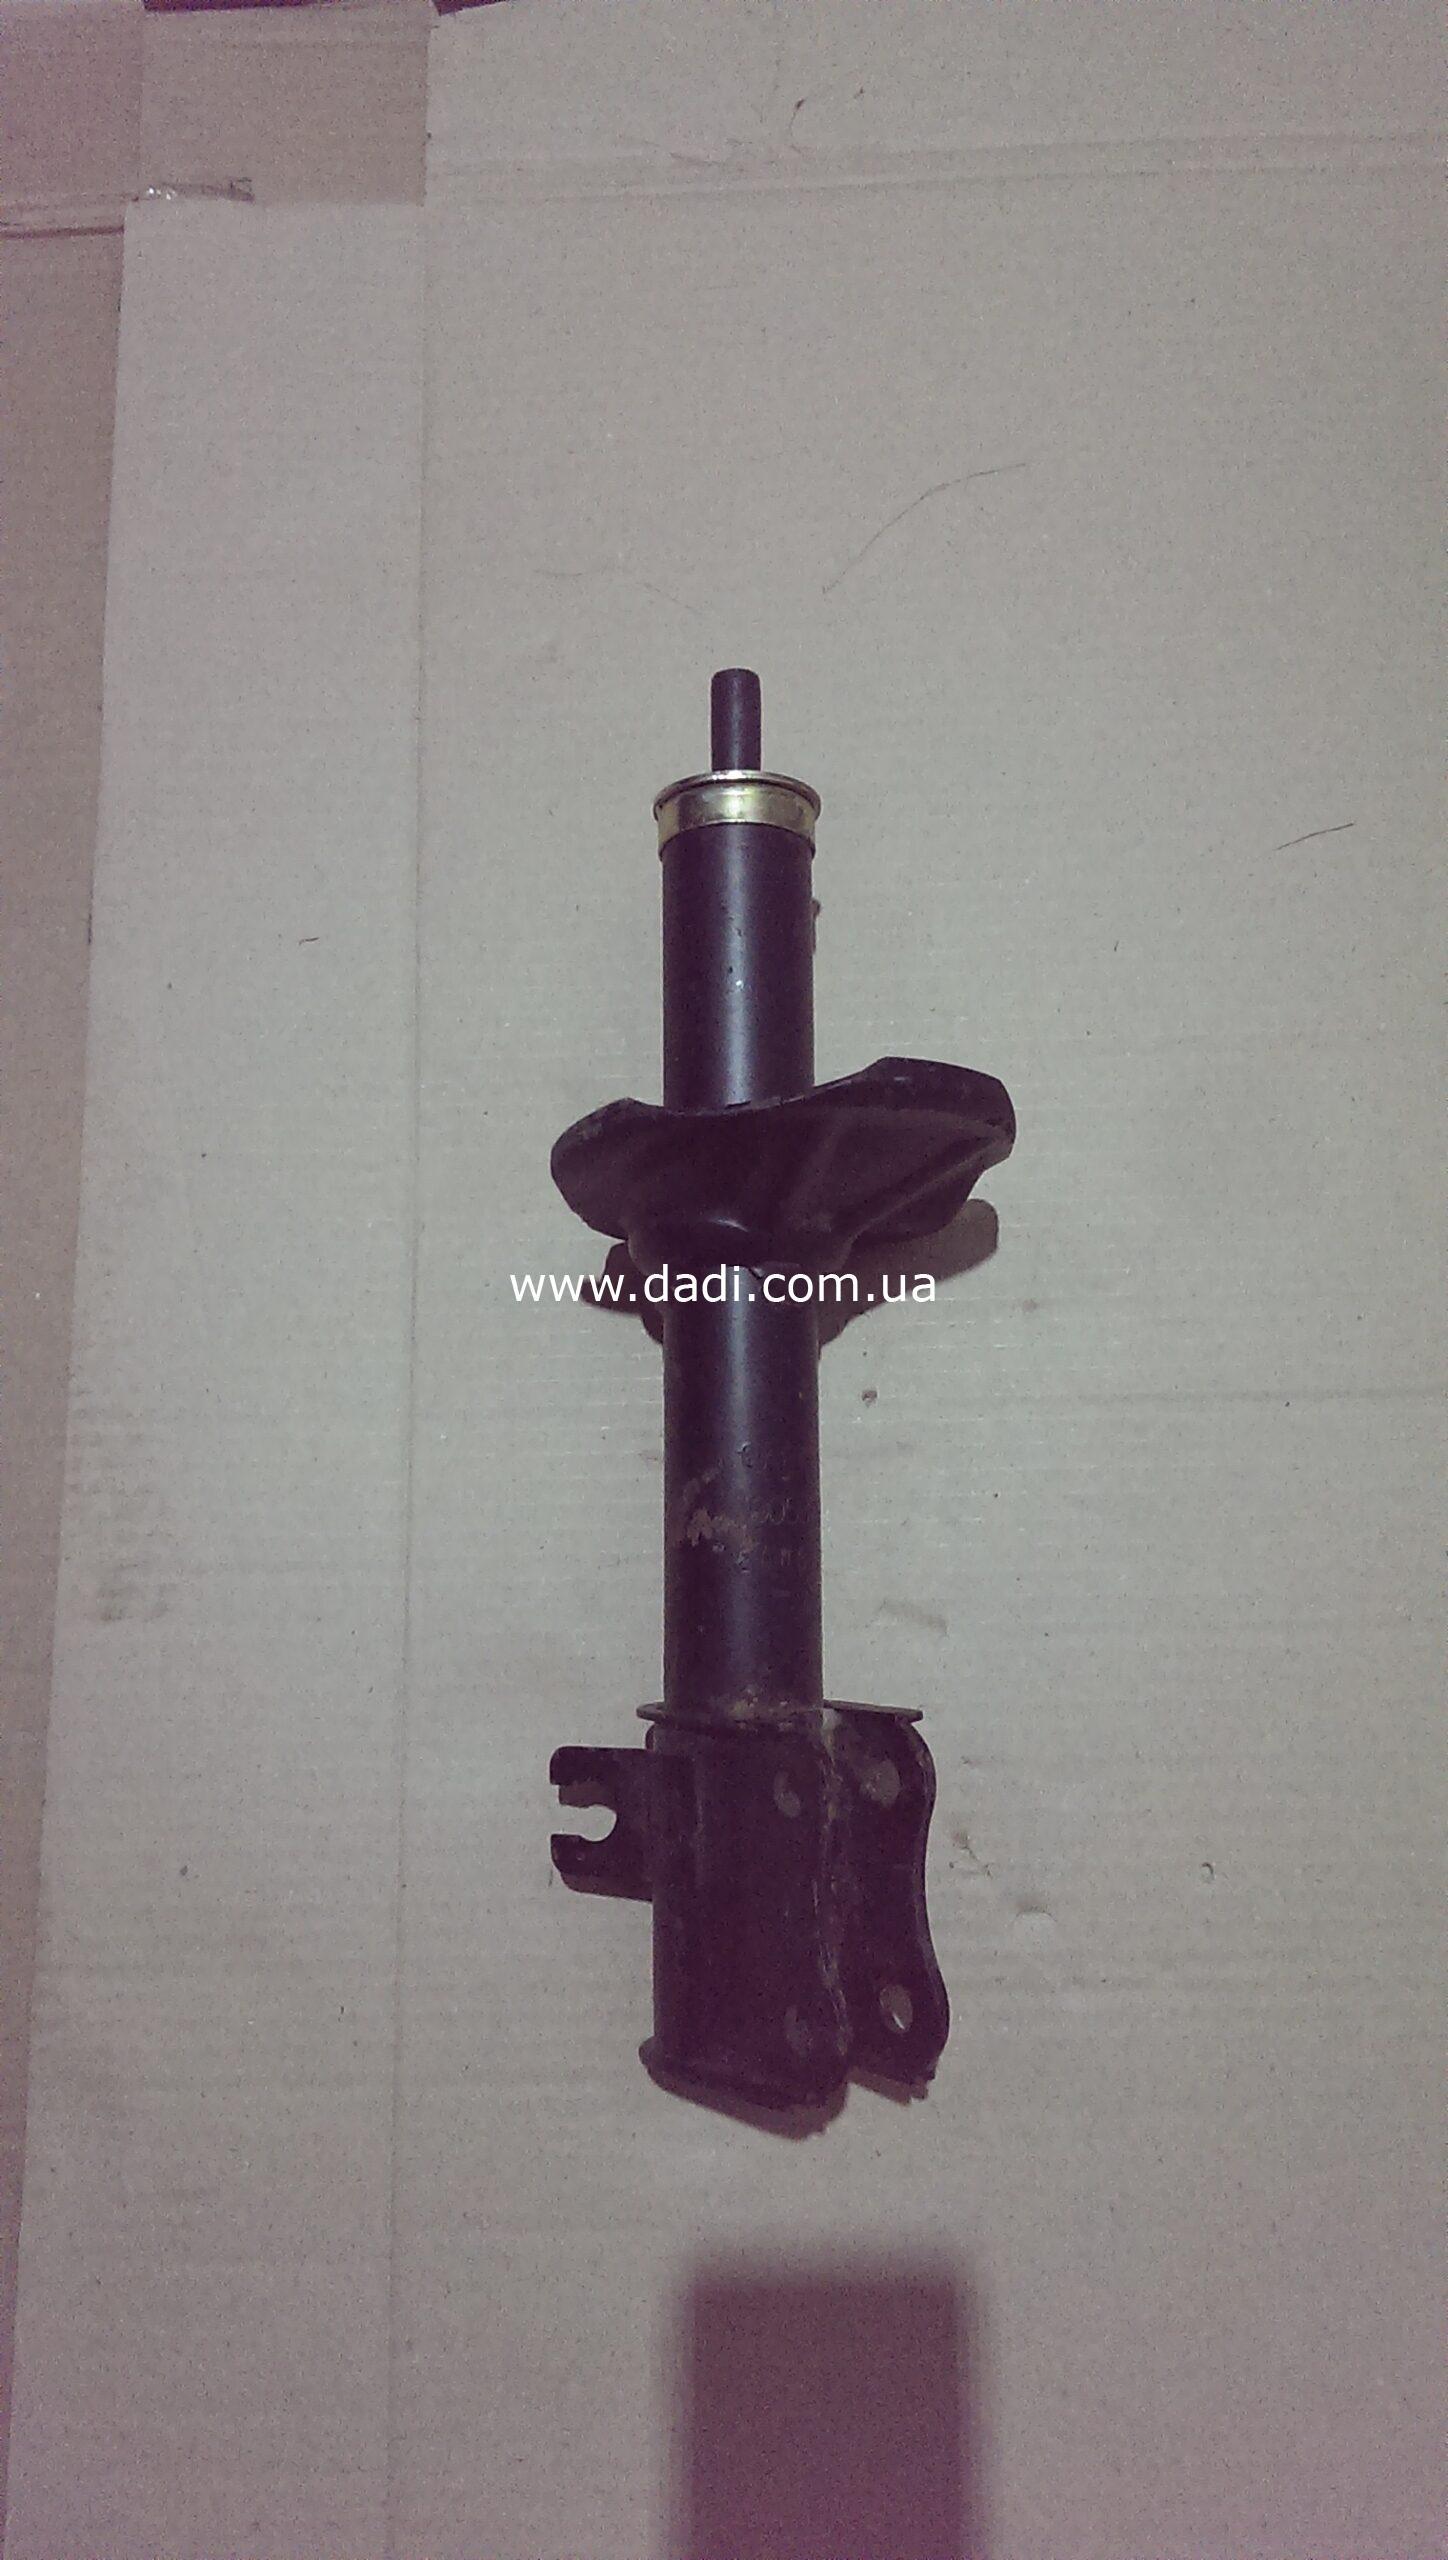 Амортизатор передній лівий / амортизатор передний левый Wuling 6376-0